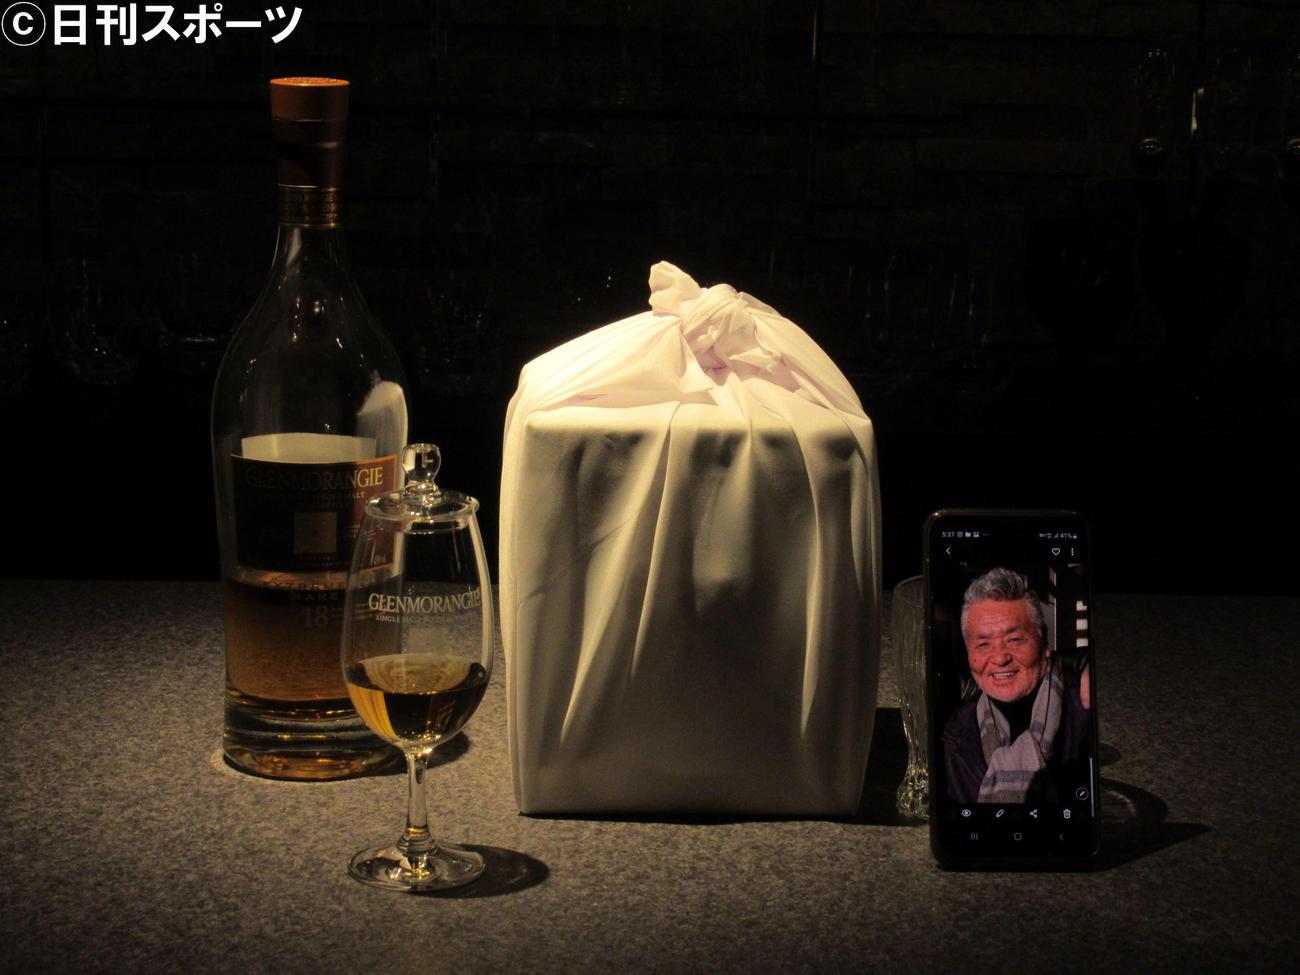 中村泰士さんが愛飲していた「グレンモーレンジ18年」や中村さんの遺骨(撮影・星名希実)